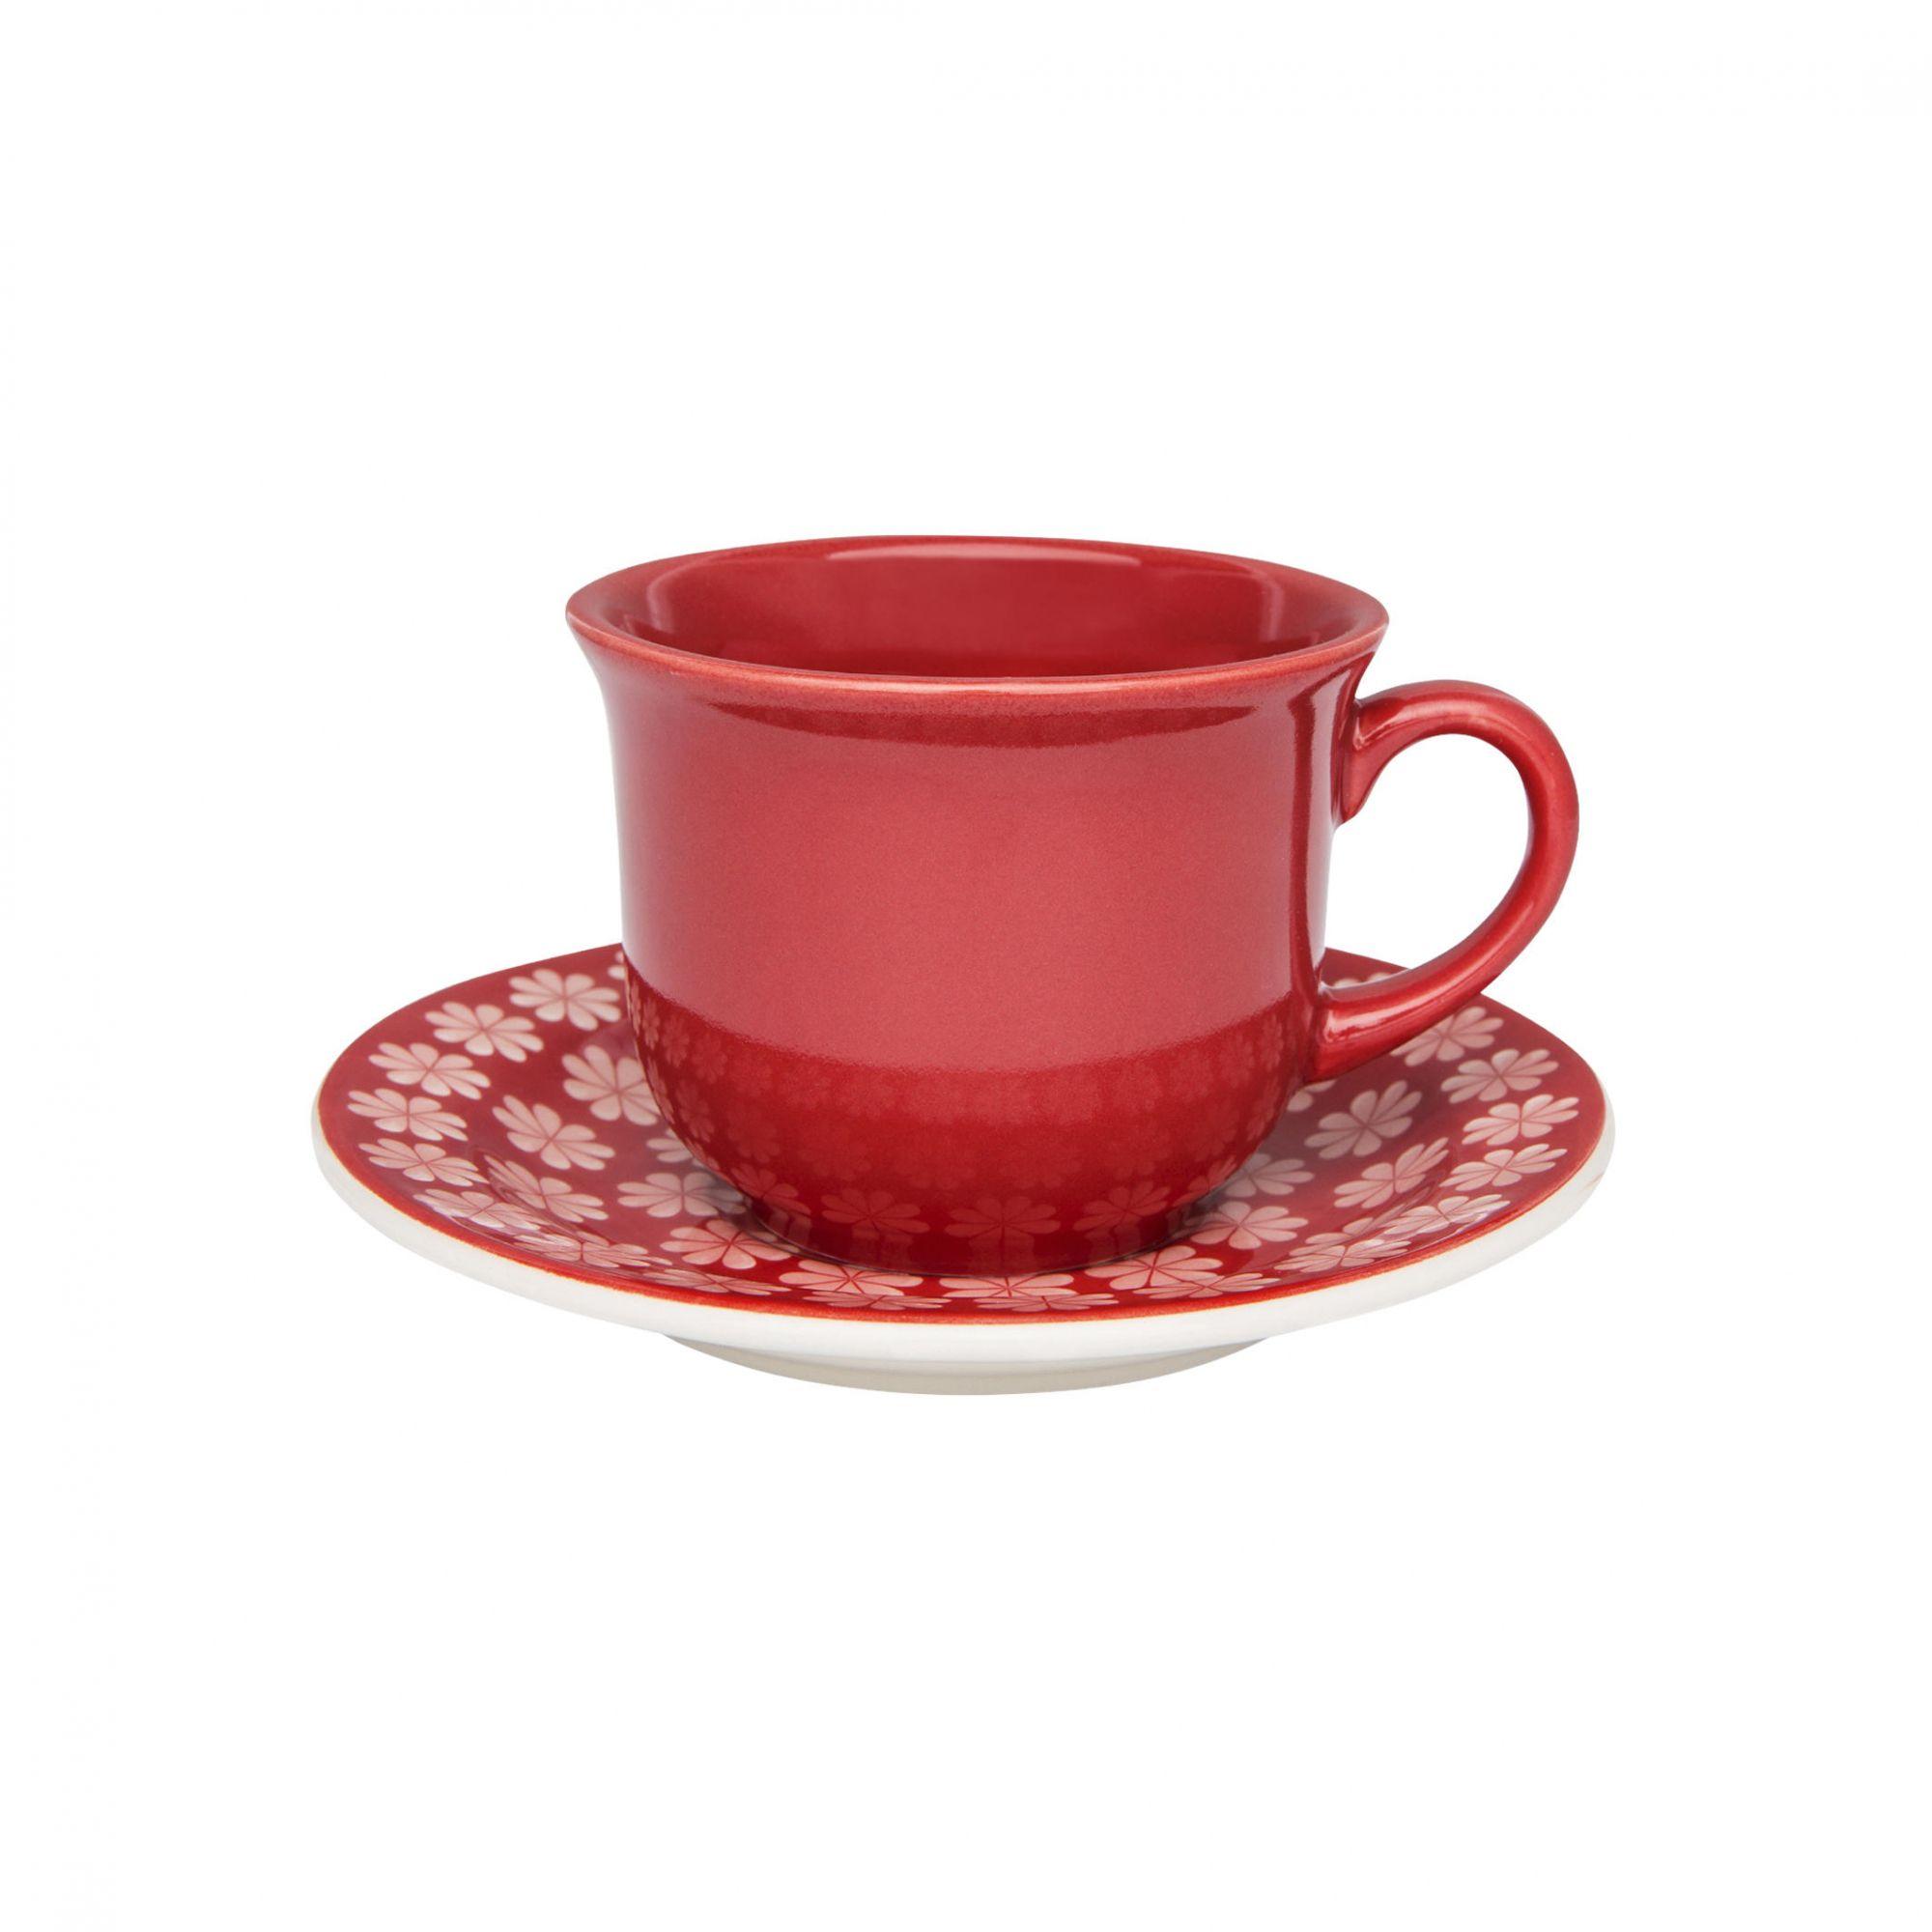 Xicara de Chá com Pires 200 ml Renda Daily